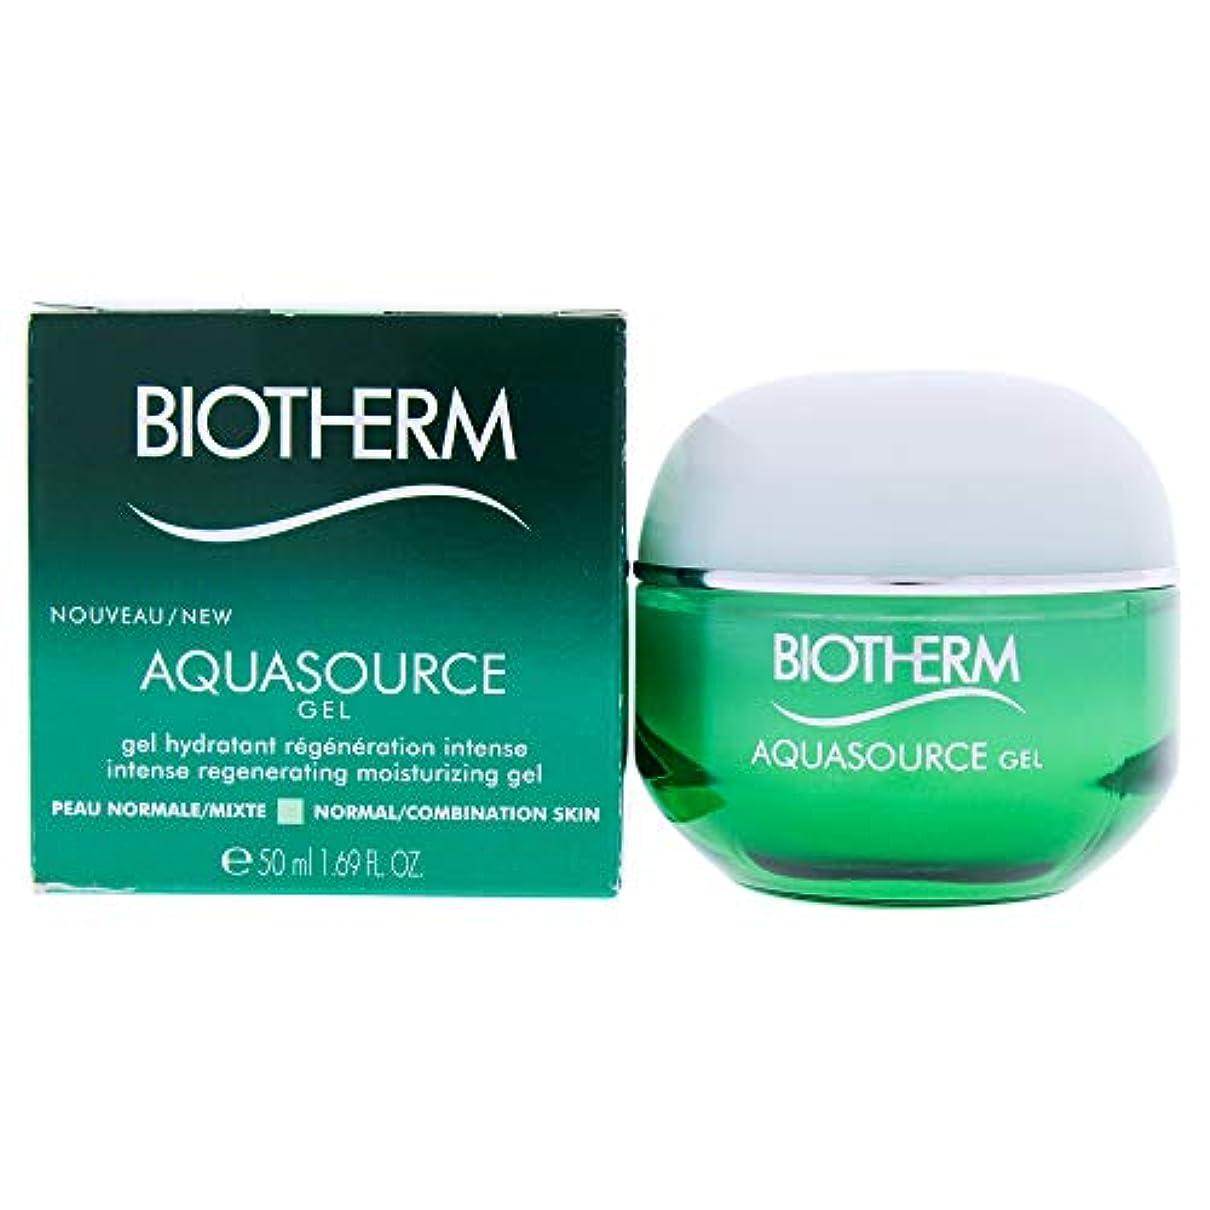 社会主義ヒューズ名義でビオテルム Aquasource Gel Intense Regenerating Moisturizing Gel - For Normal/Combination Skin 50ml/1.69oz並行輸入品